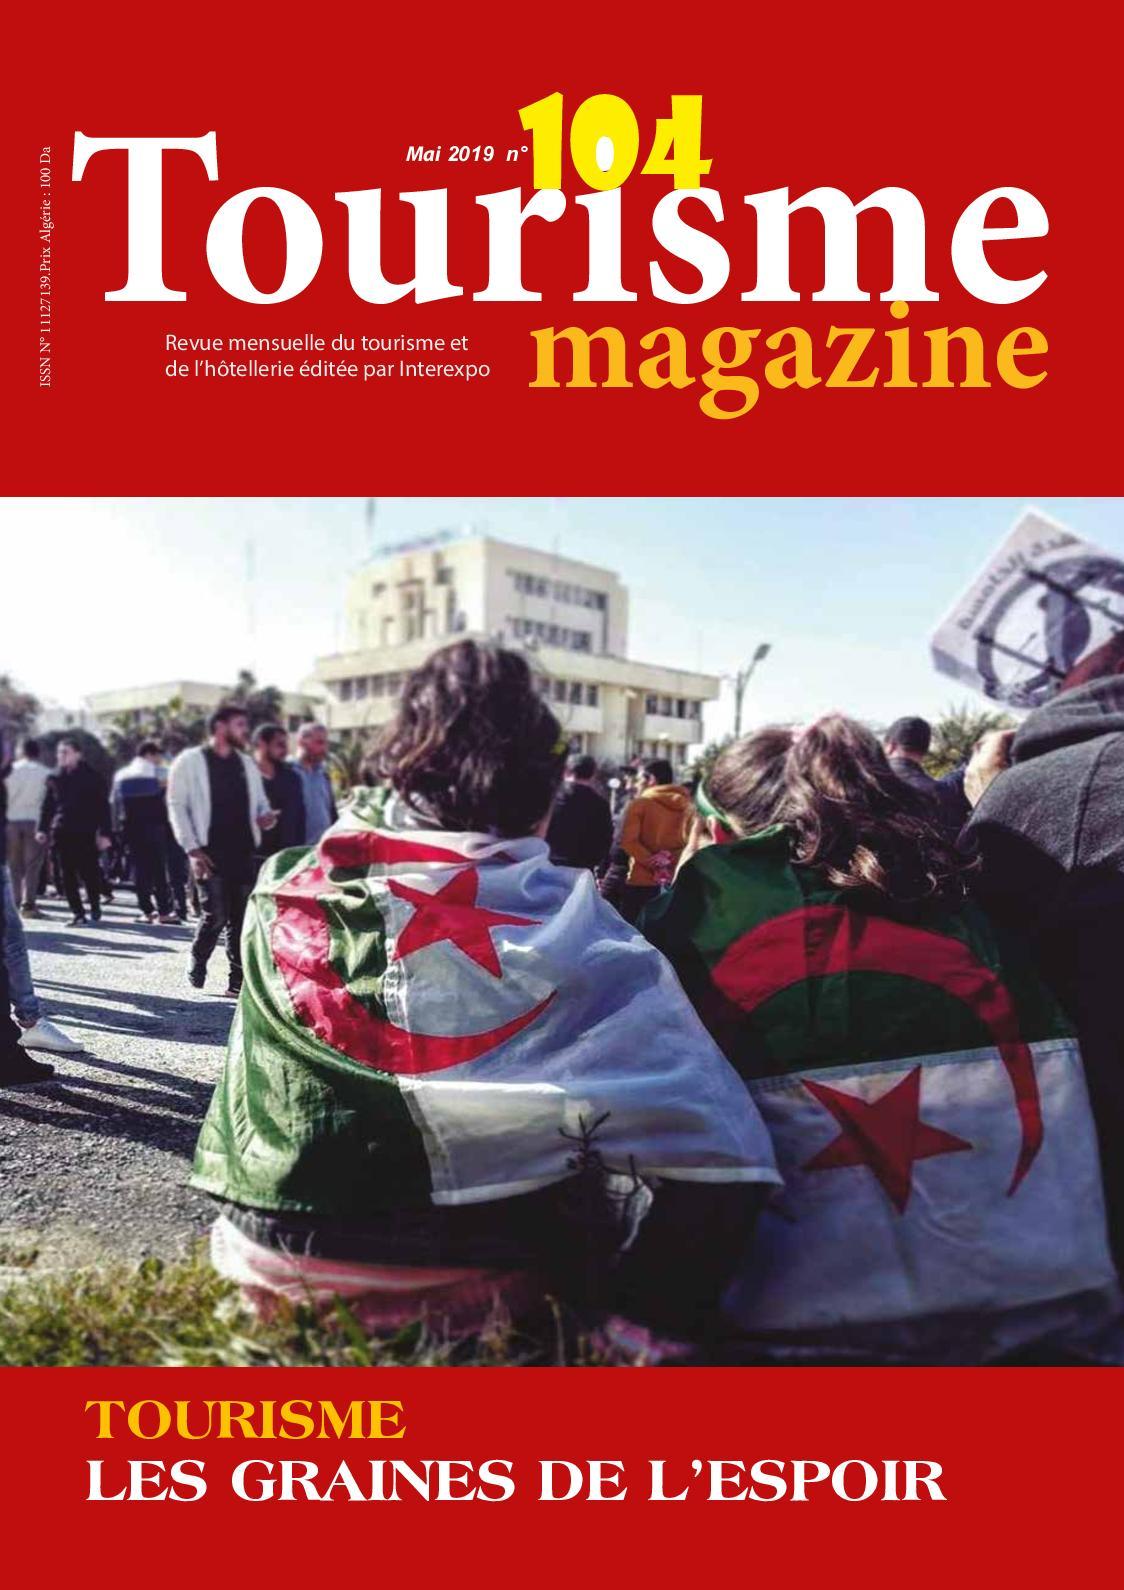 Tourisme Web104